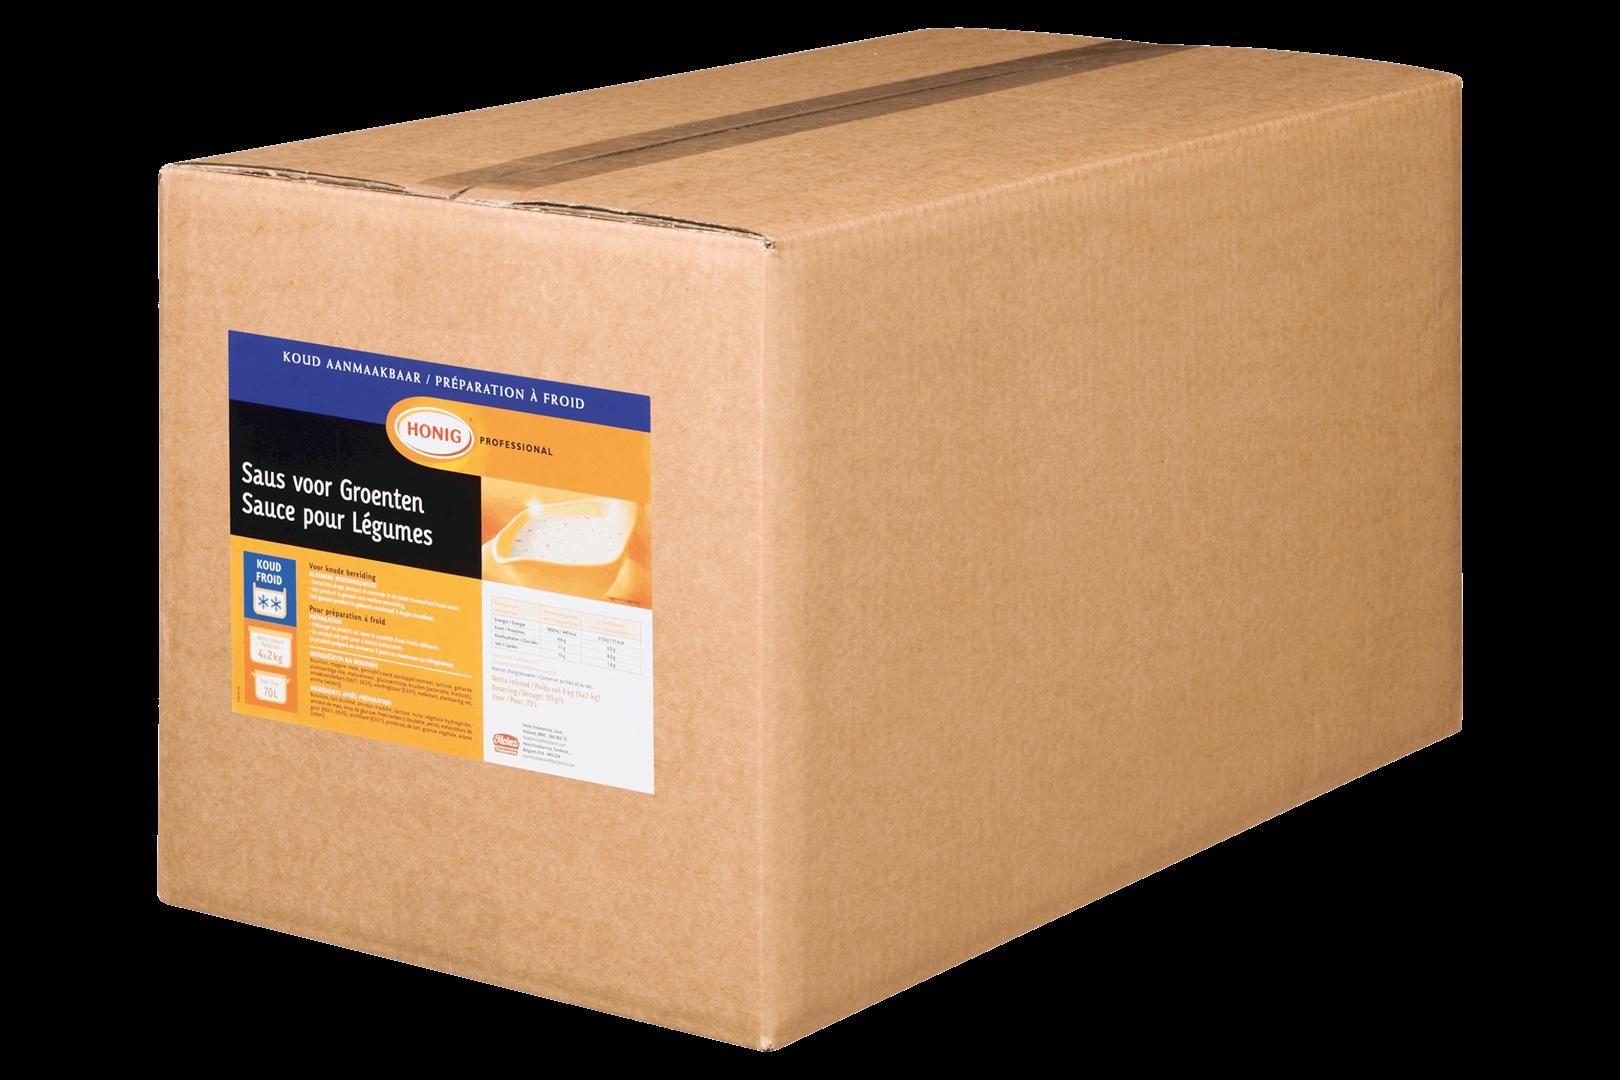 Productafbeelding Honig Professional Saus voor Groenten